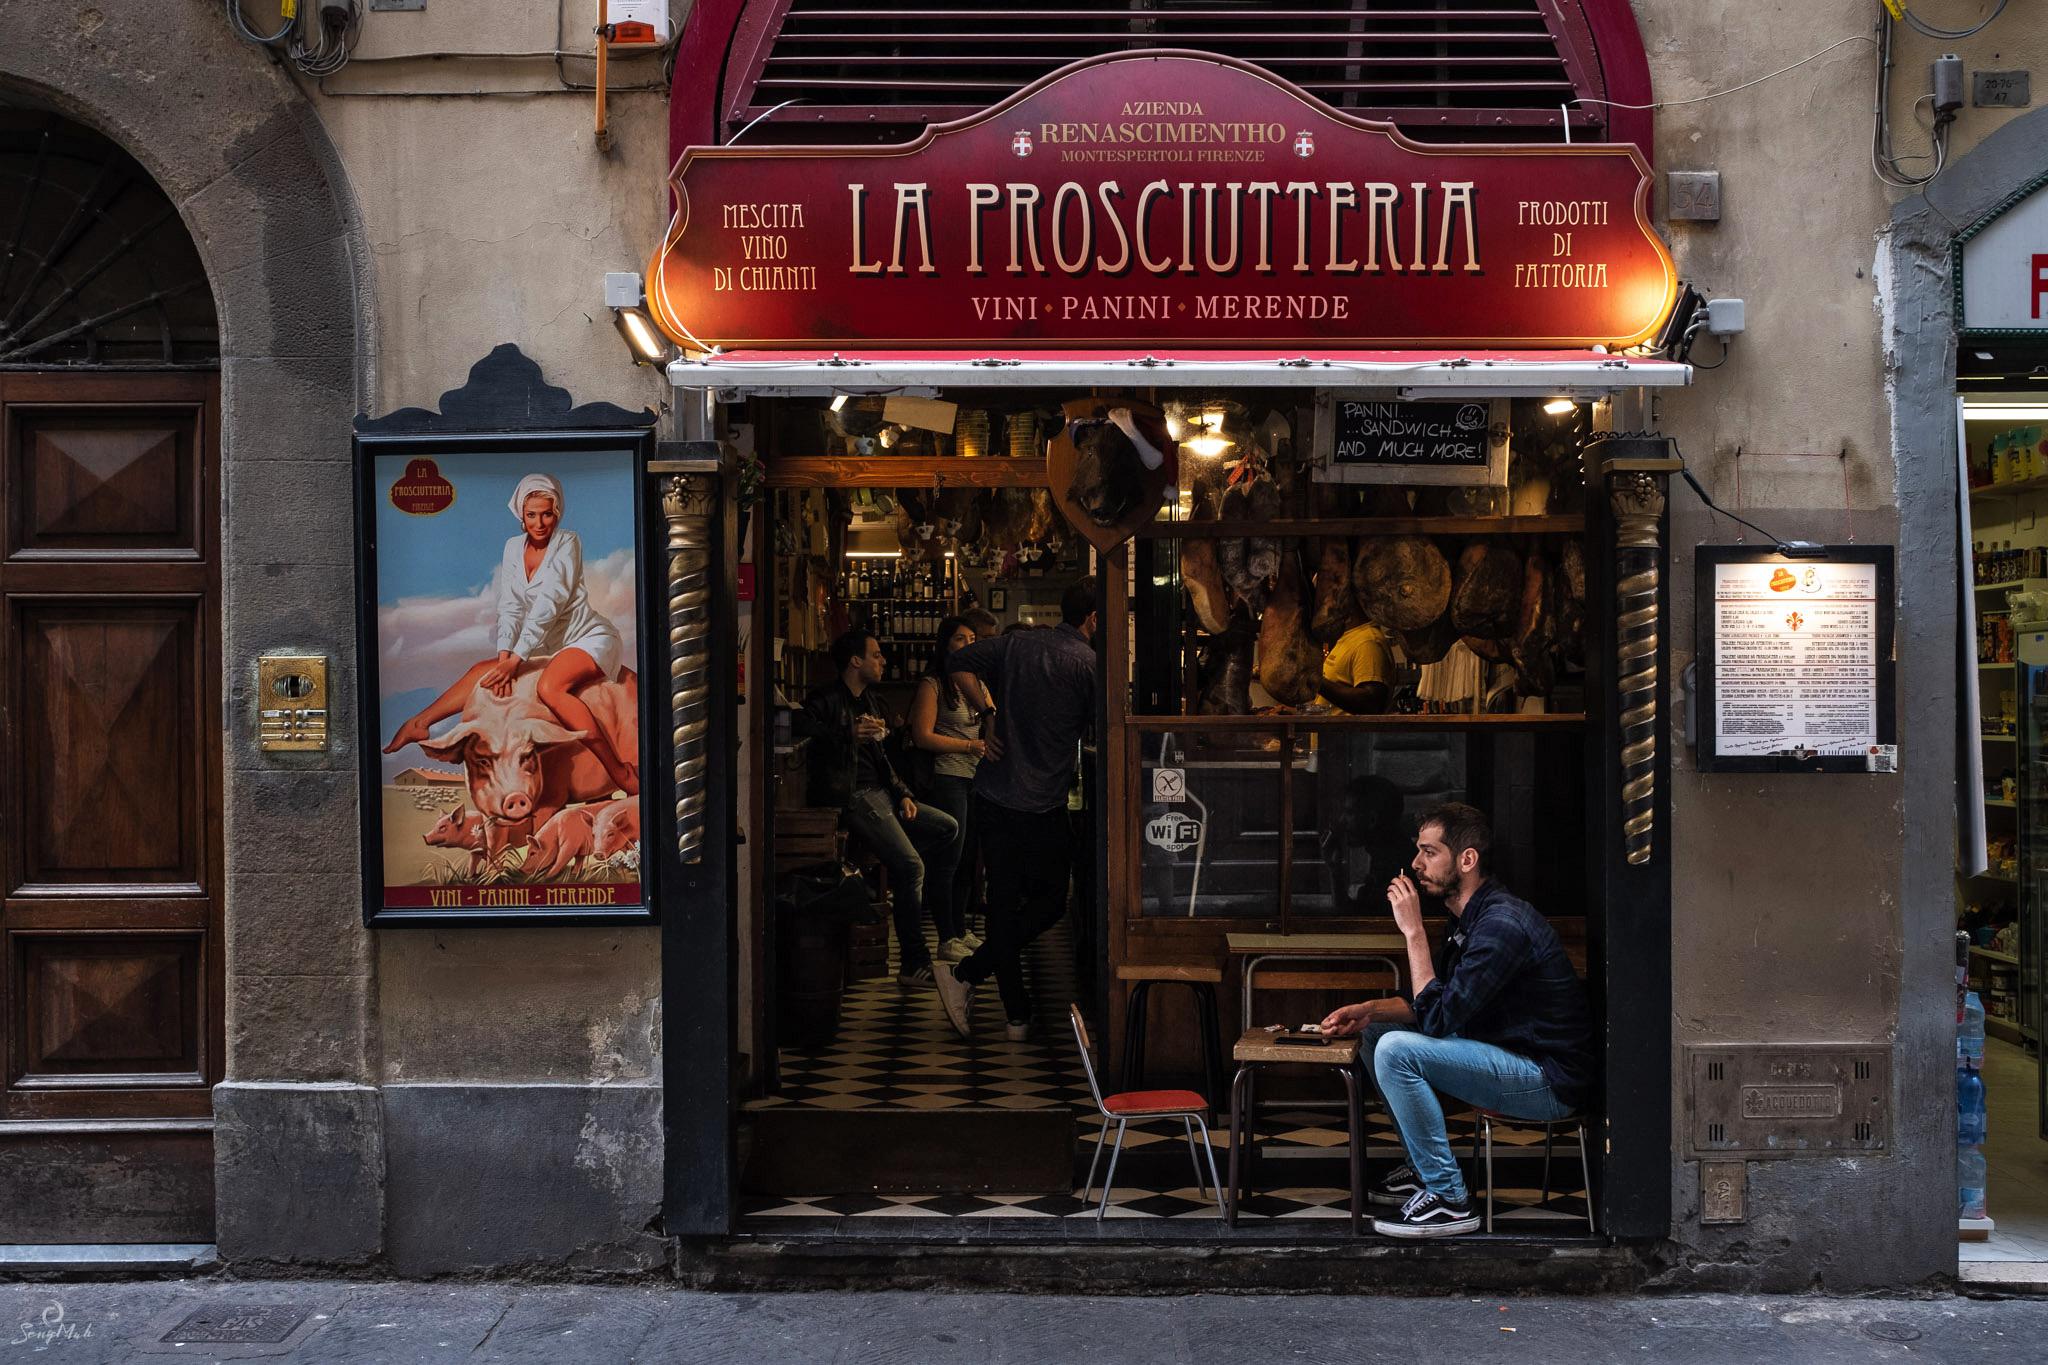 Prosciutteria, Florence